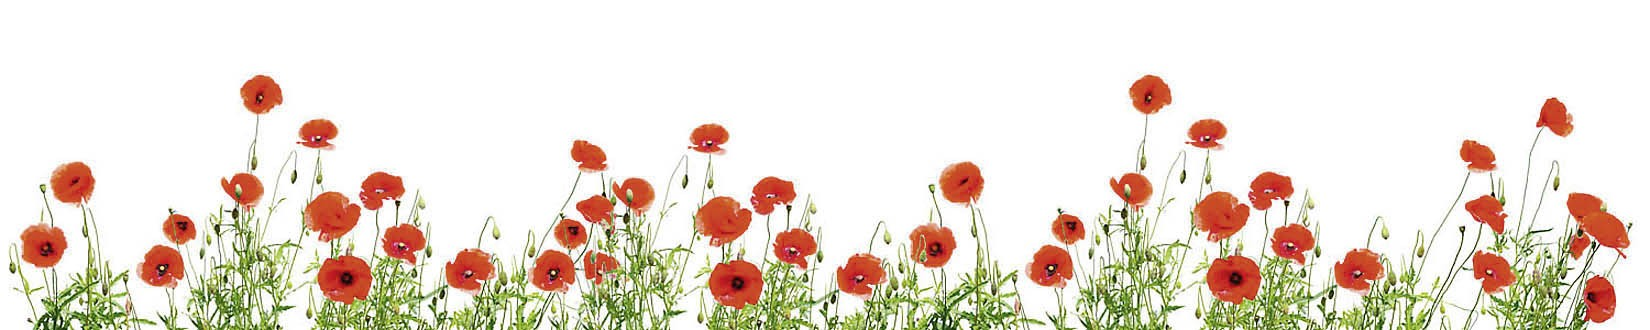 P le m le de vid os du 75e anniversaire des comm morations du 19 ao t 1942 association jubilee - Coloriage frise fleurs ...